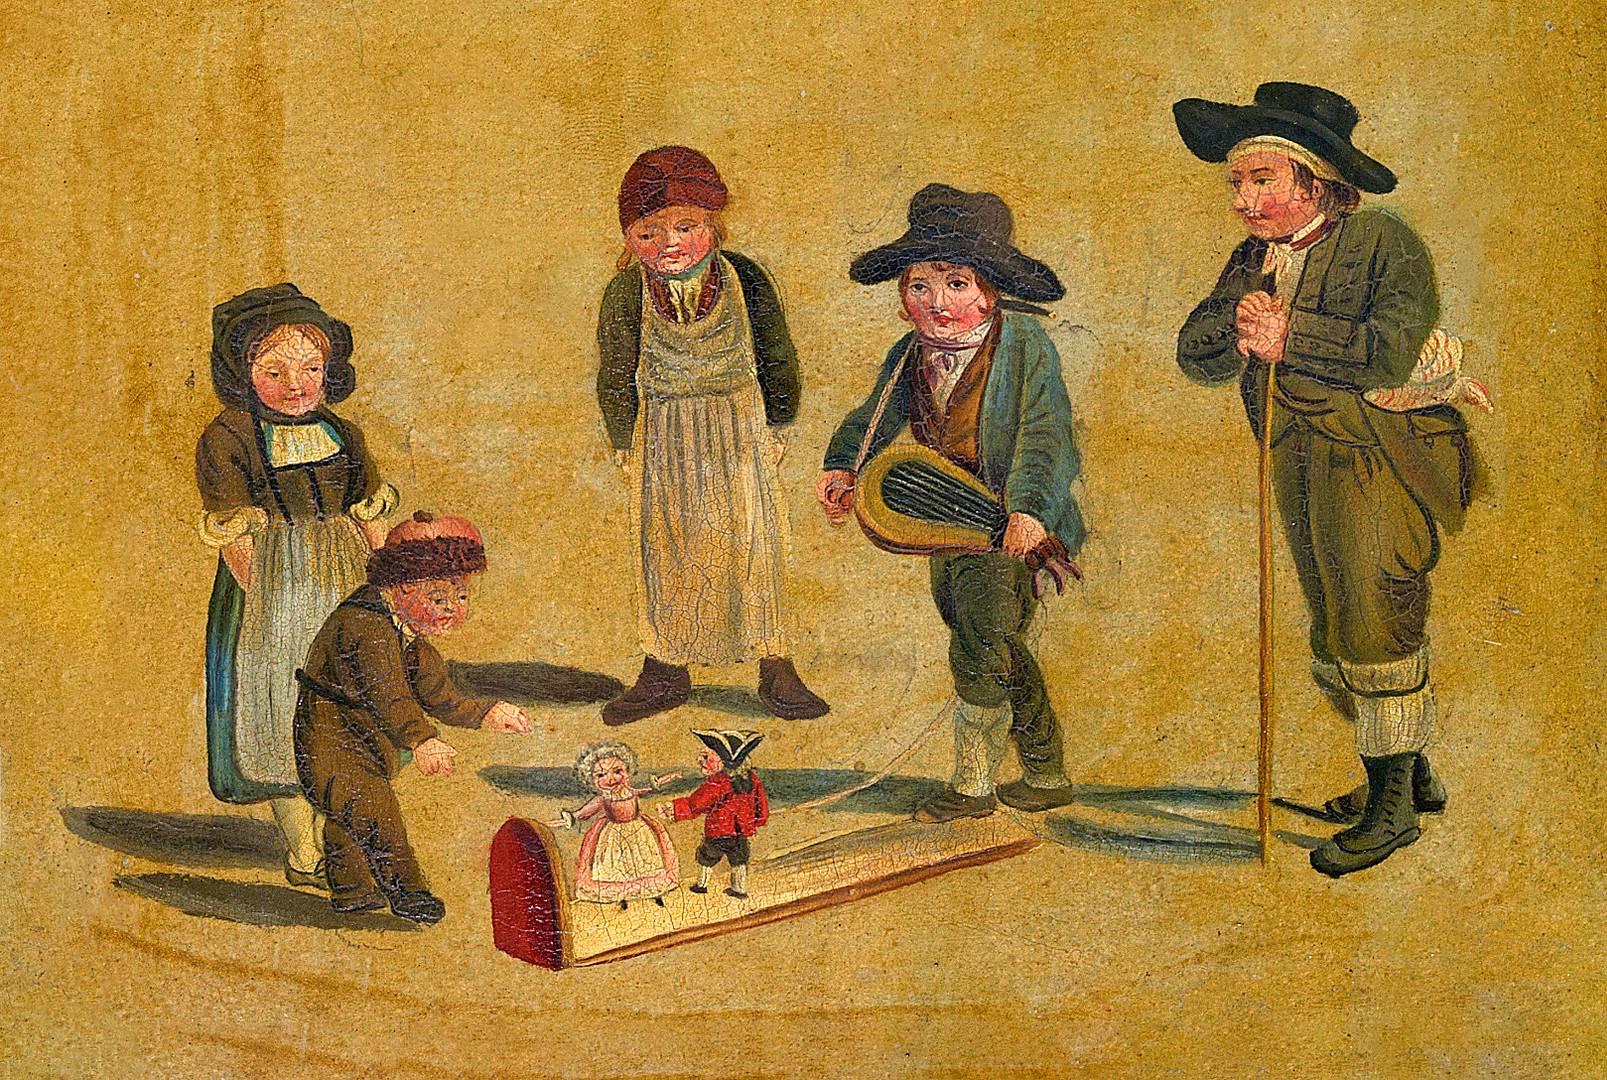 Готтфрид Минд. Дети играющие с куклами. Ок. 1810